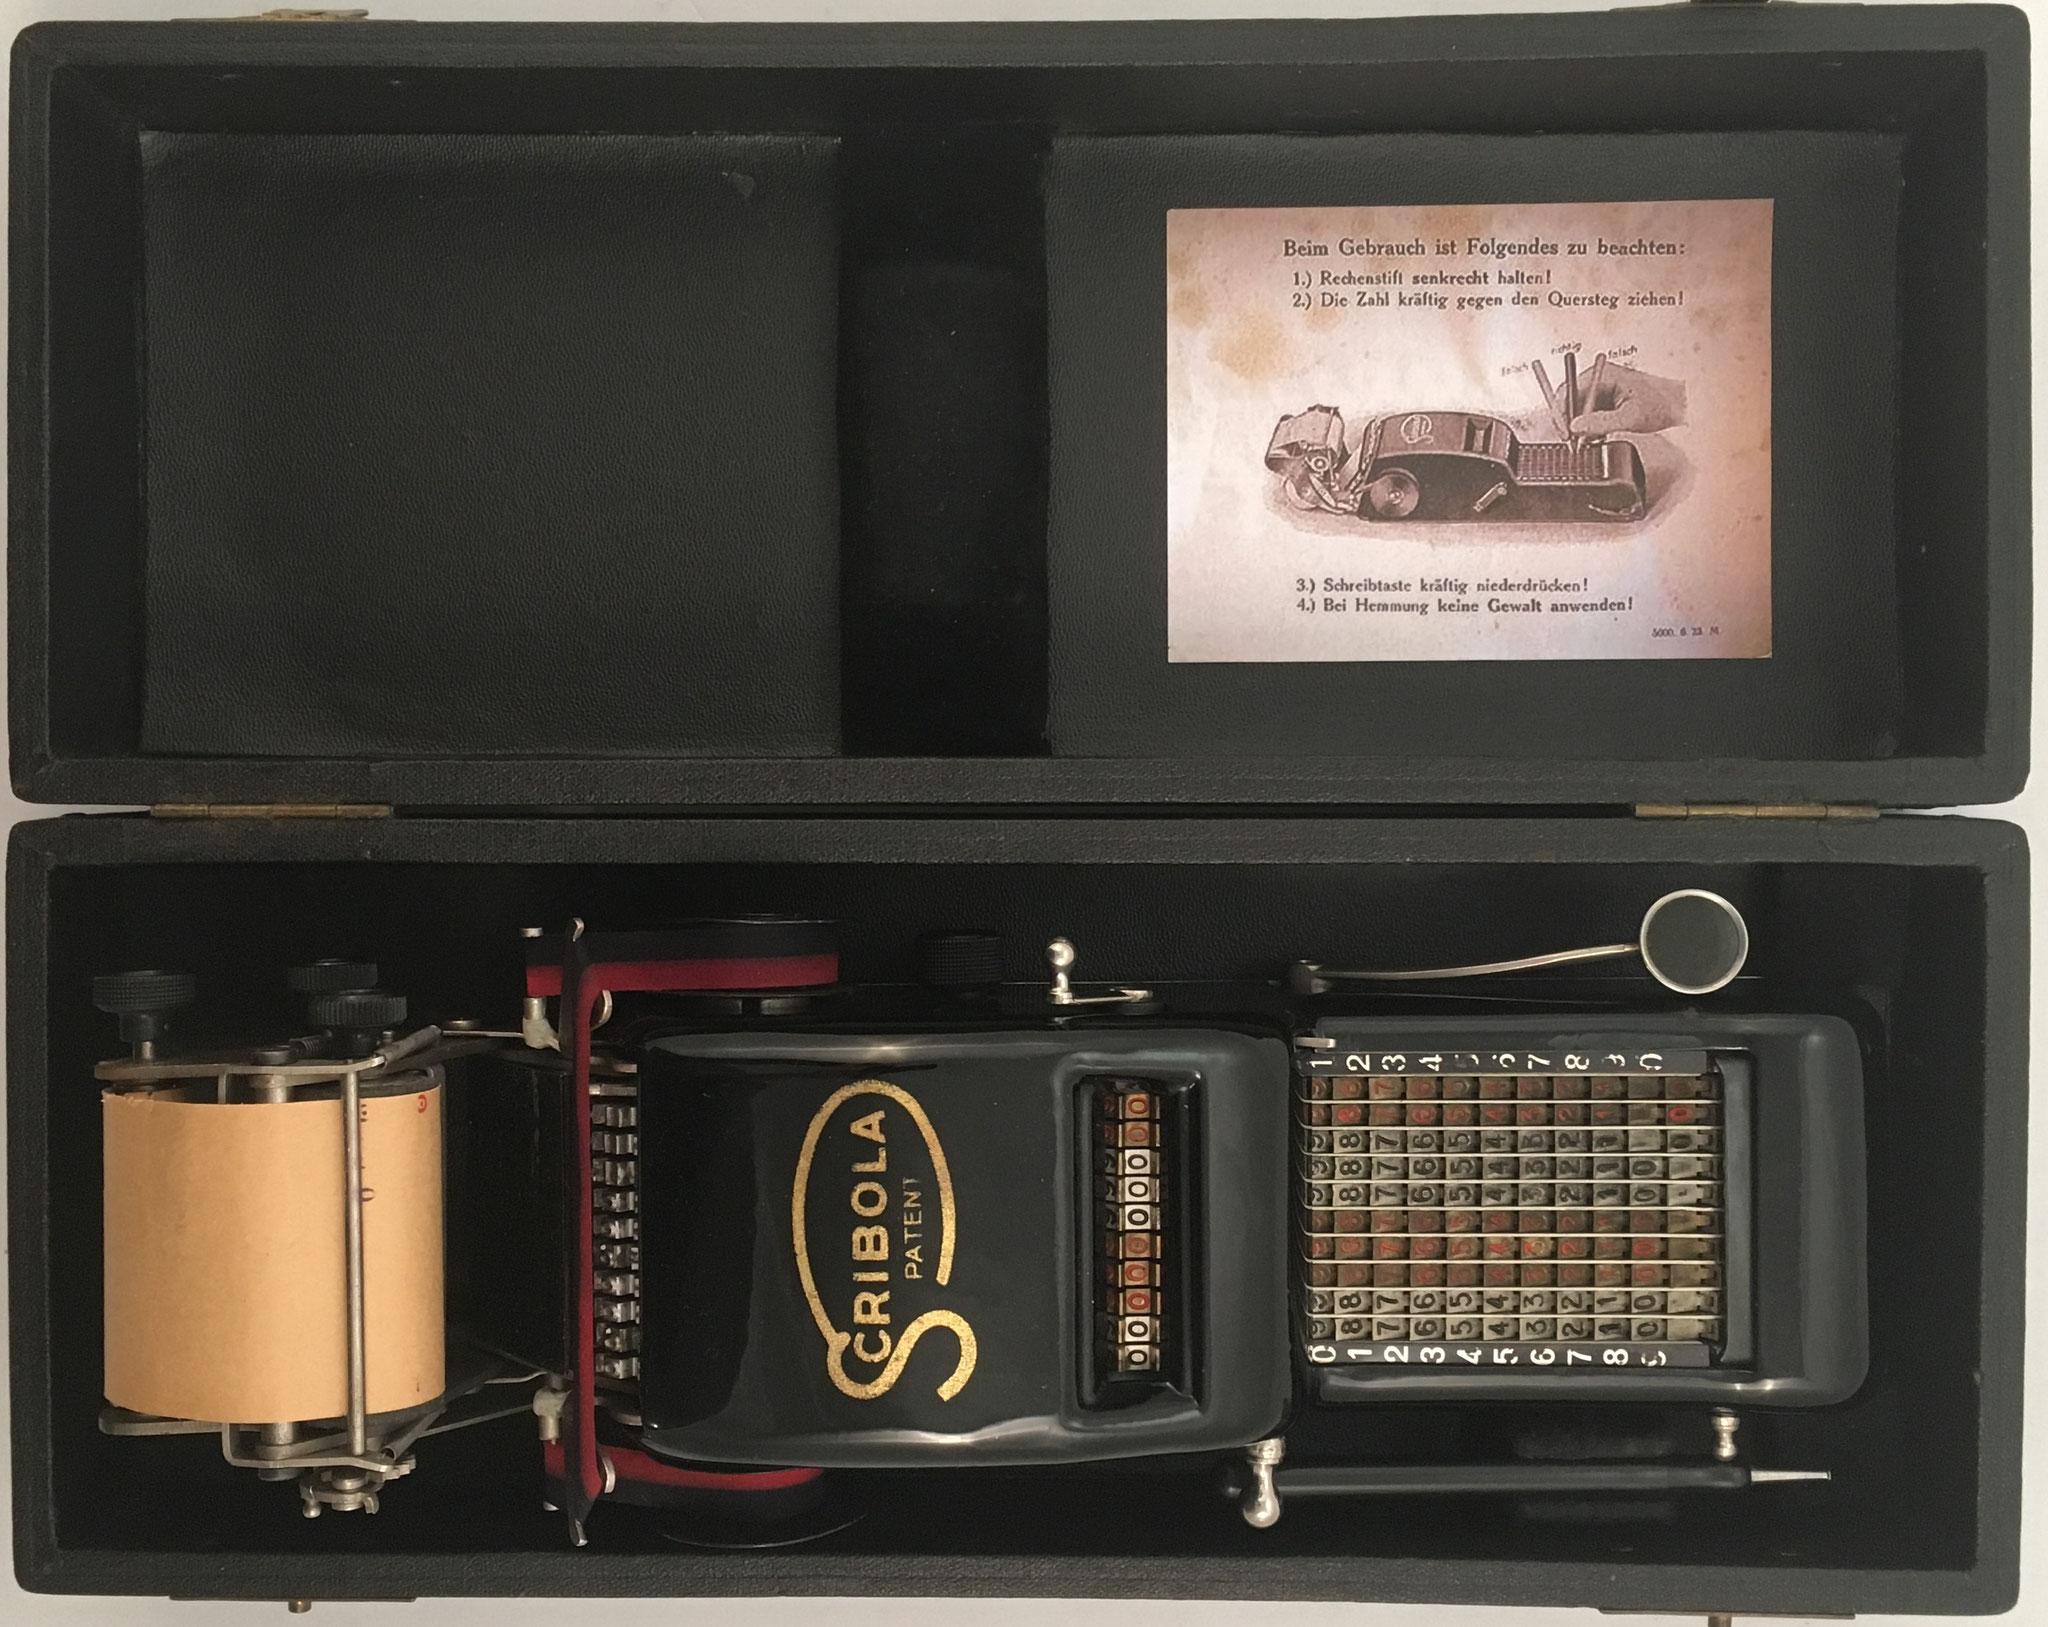 SCRIBOLA con mecanismo de impresión, s/n 5386, fabricado por Ruthardt & Co (Stuttgard, Alemania), año 1922, 31x11x7 cm